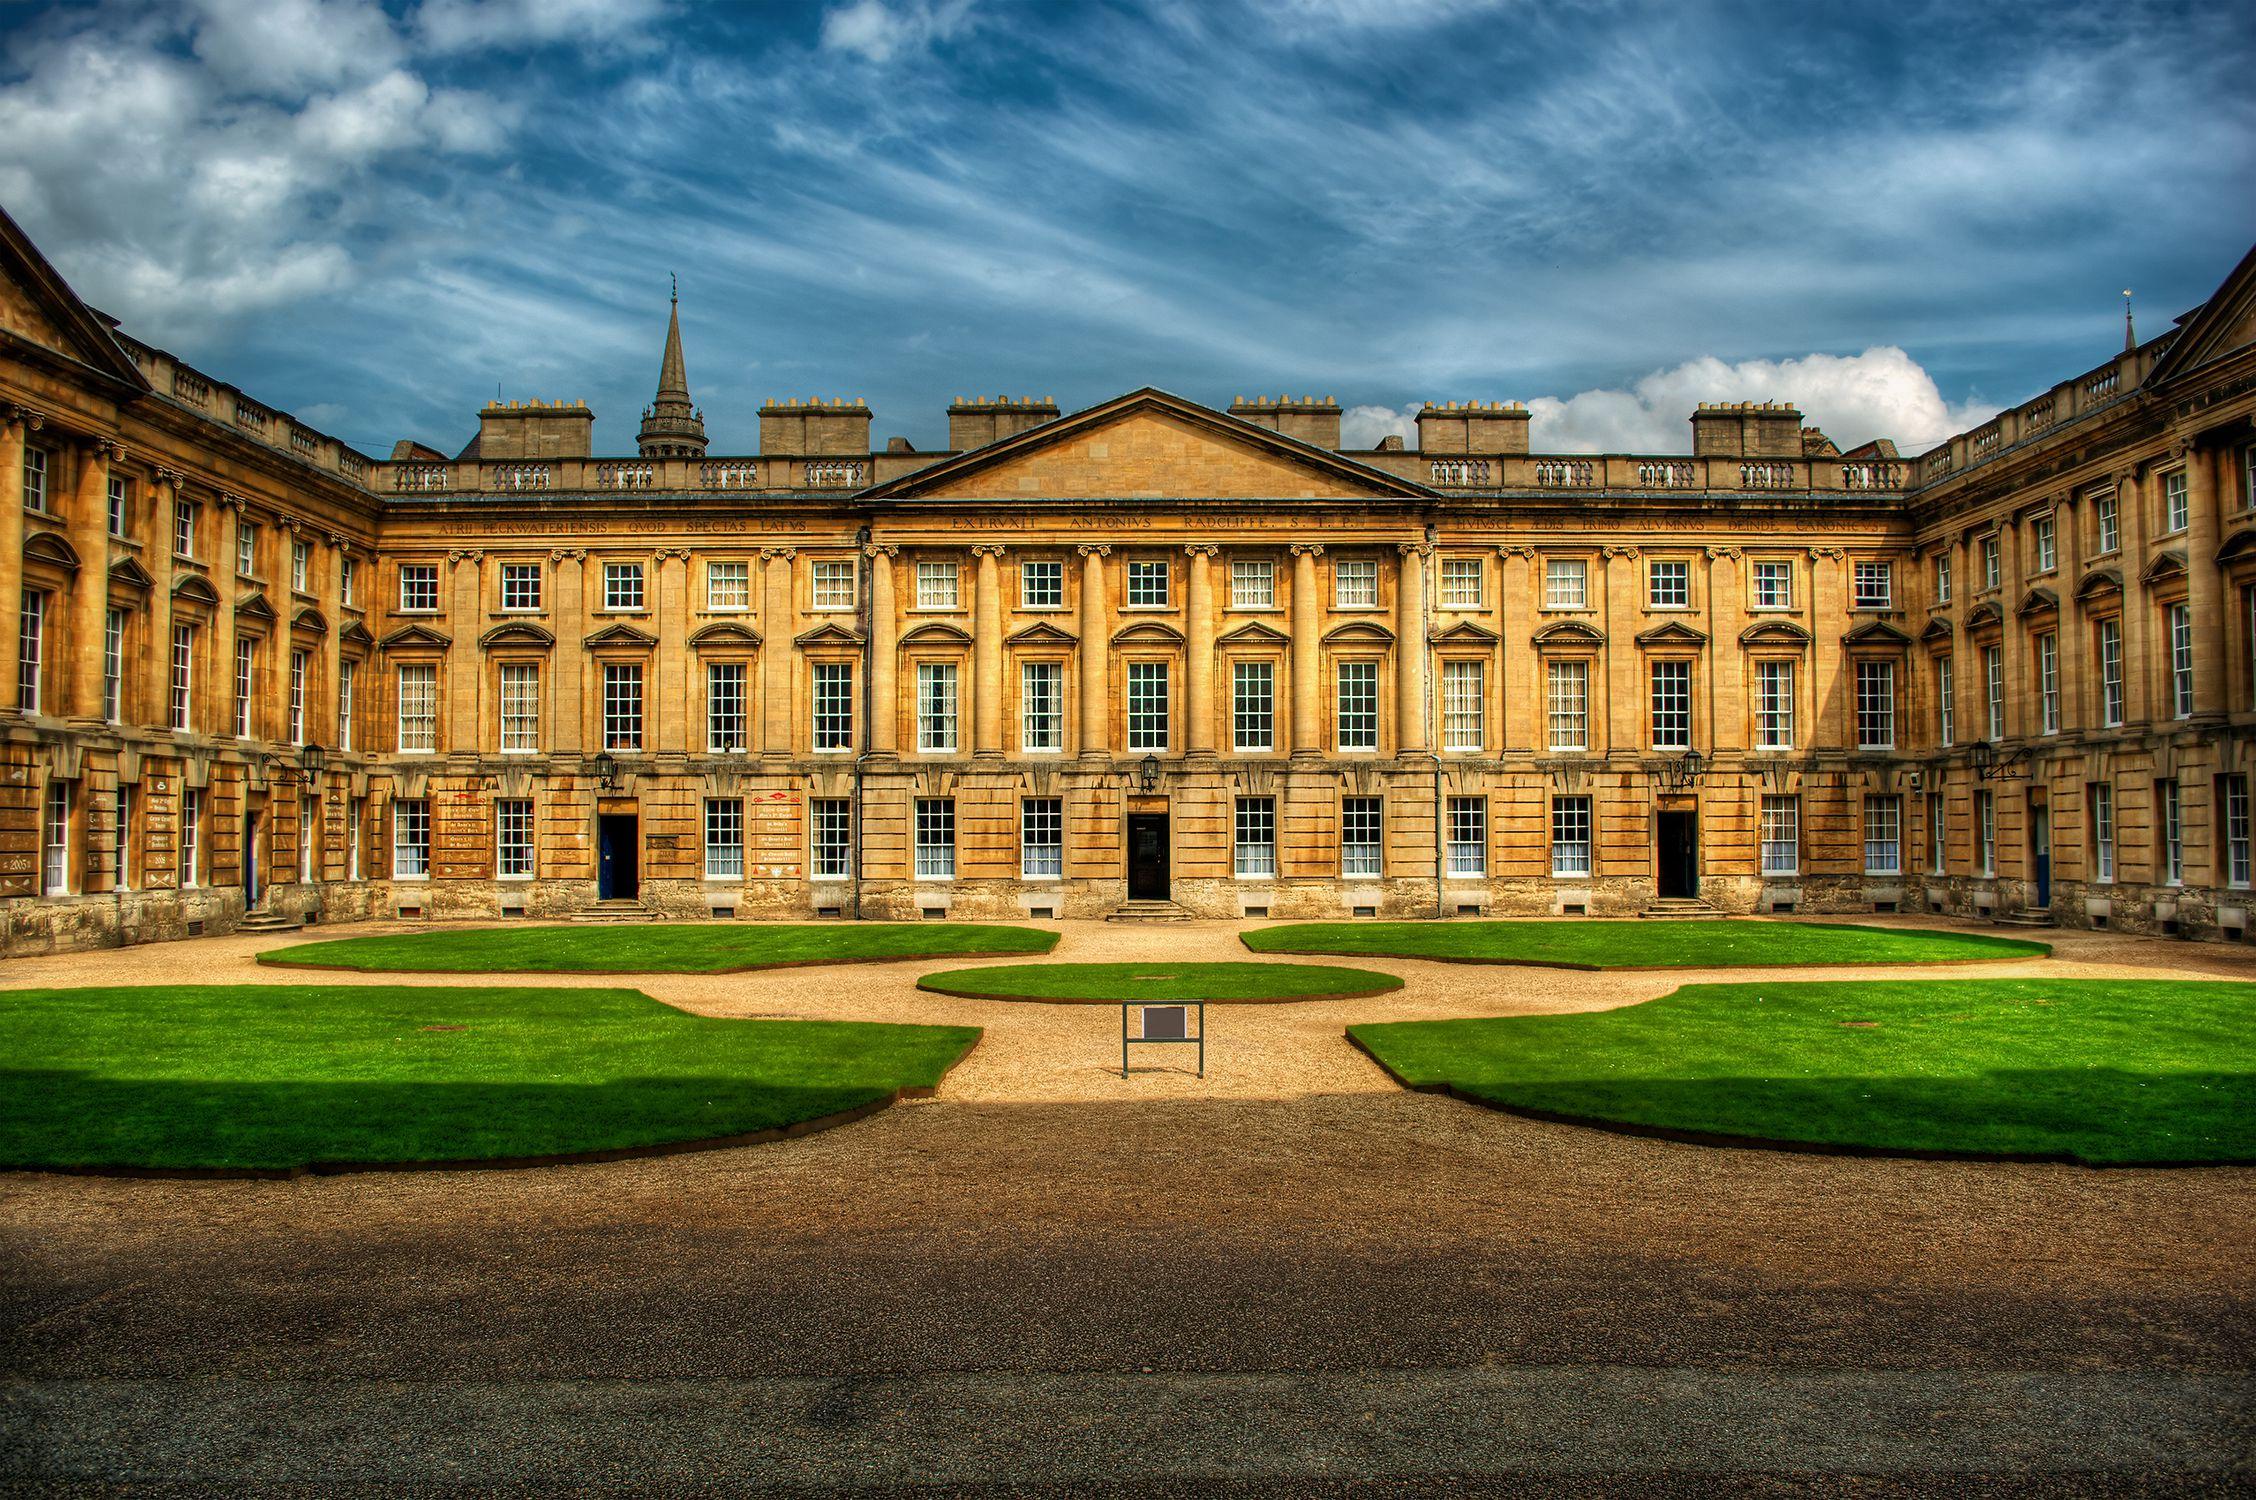 United Kingdom, England, Oxford, Courtyard of Christ Church